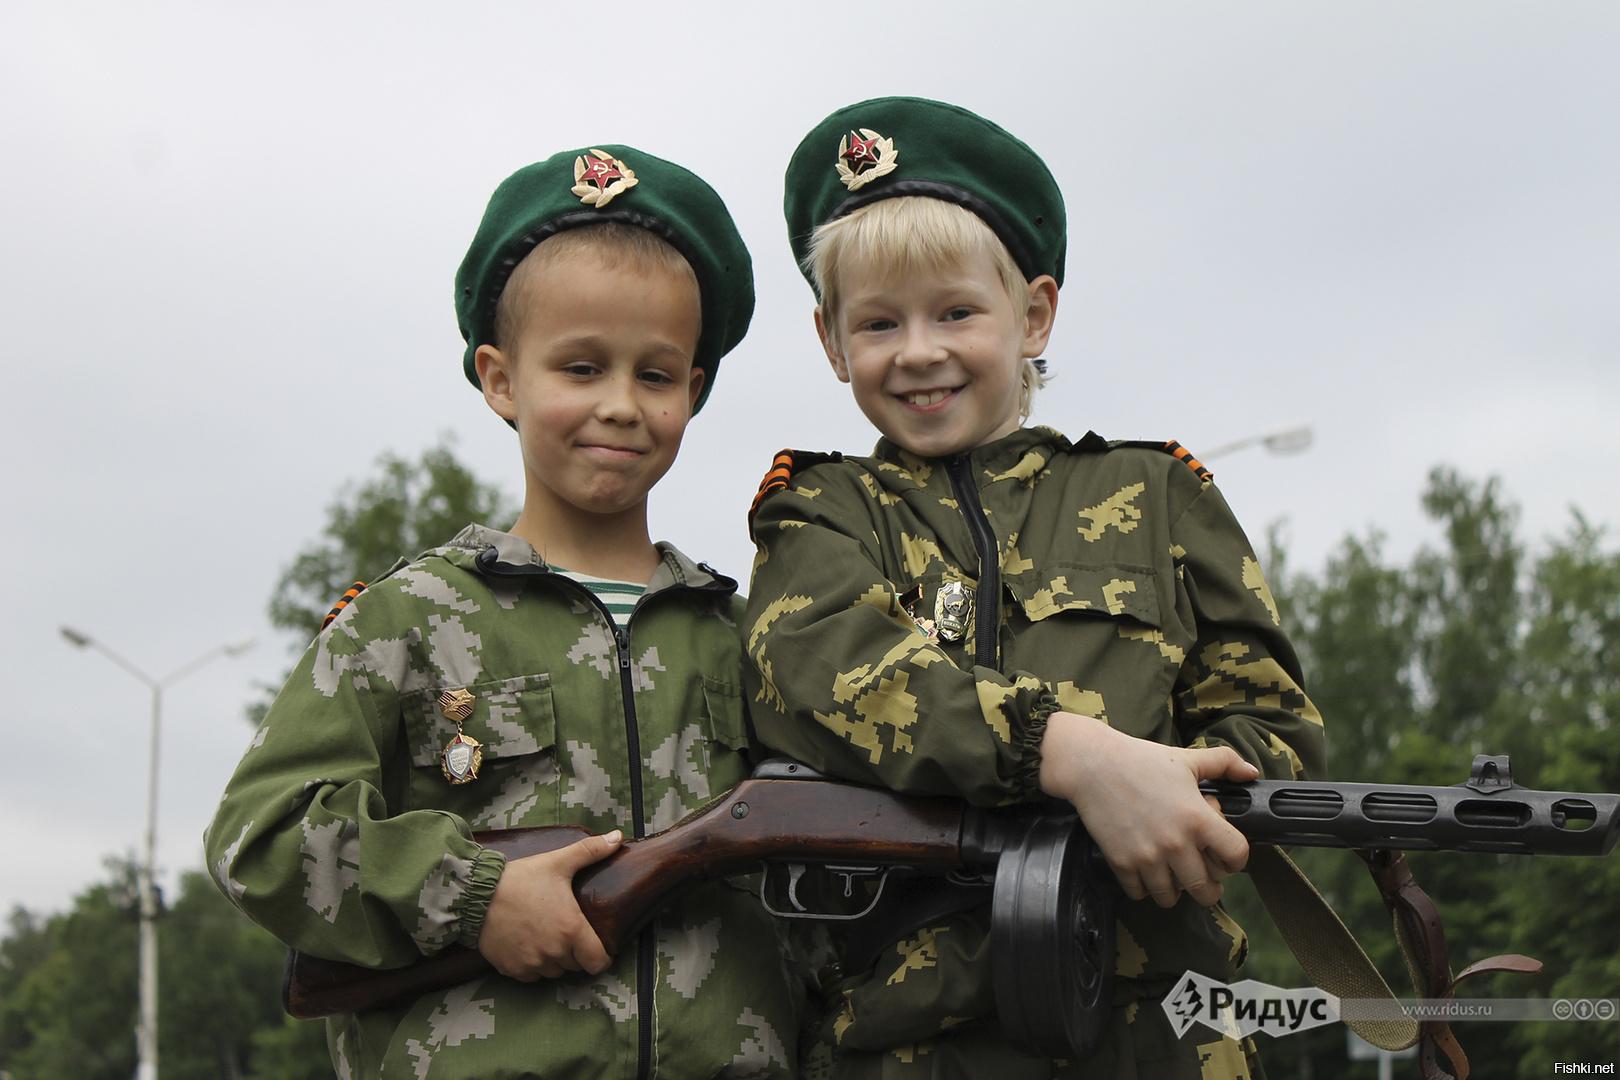 Вторника картинки, фото солдата открытка